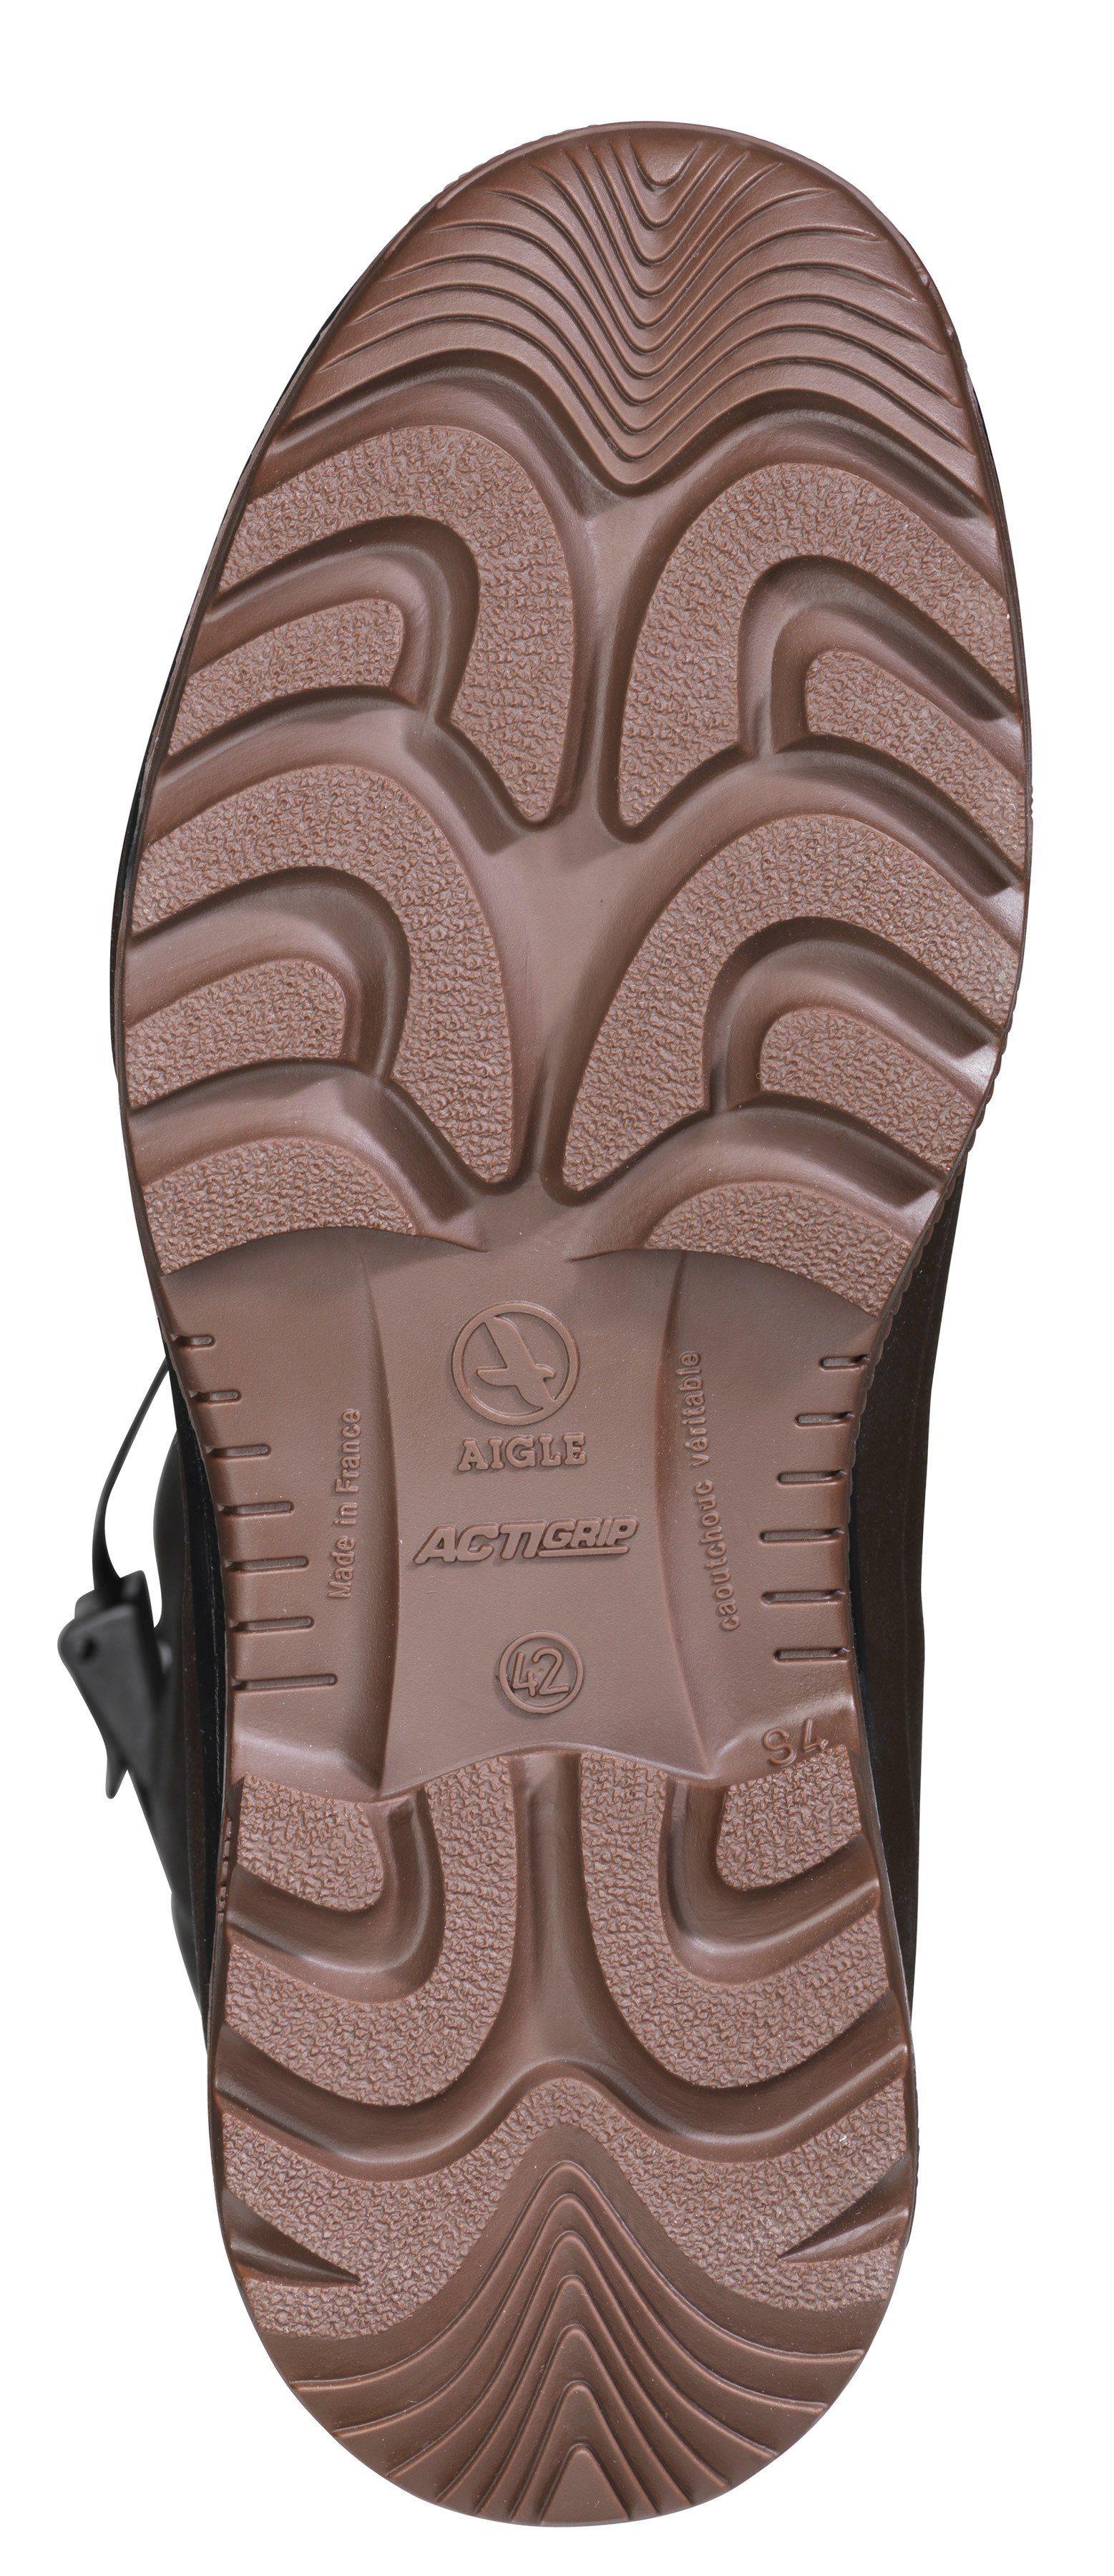 Kaufen Parcours Braun Stiefel 563549l Aigle Keine Sicherheitsklasse nr 2 Artikel Online Iso Brun c85qqA74Fw